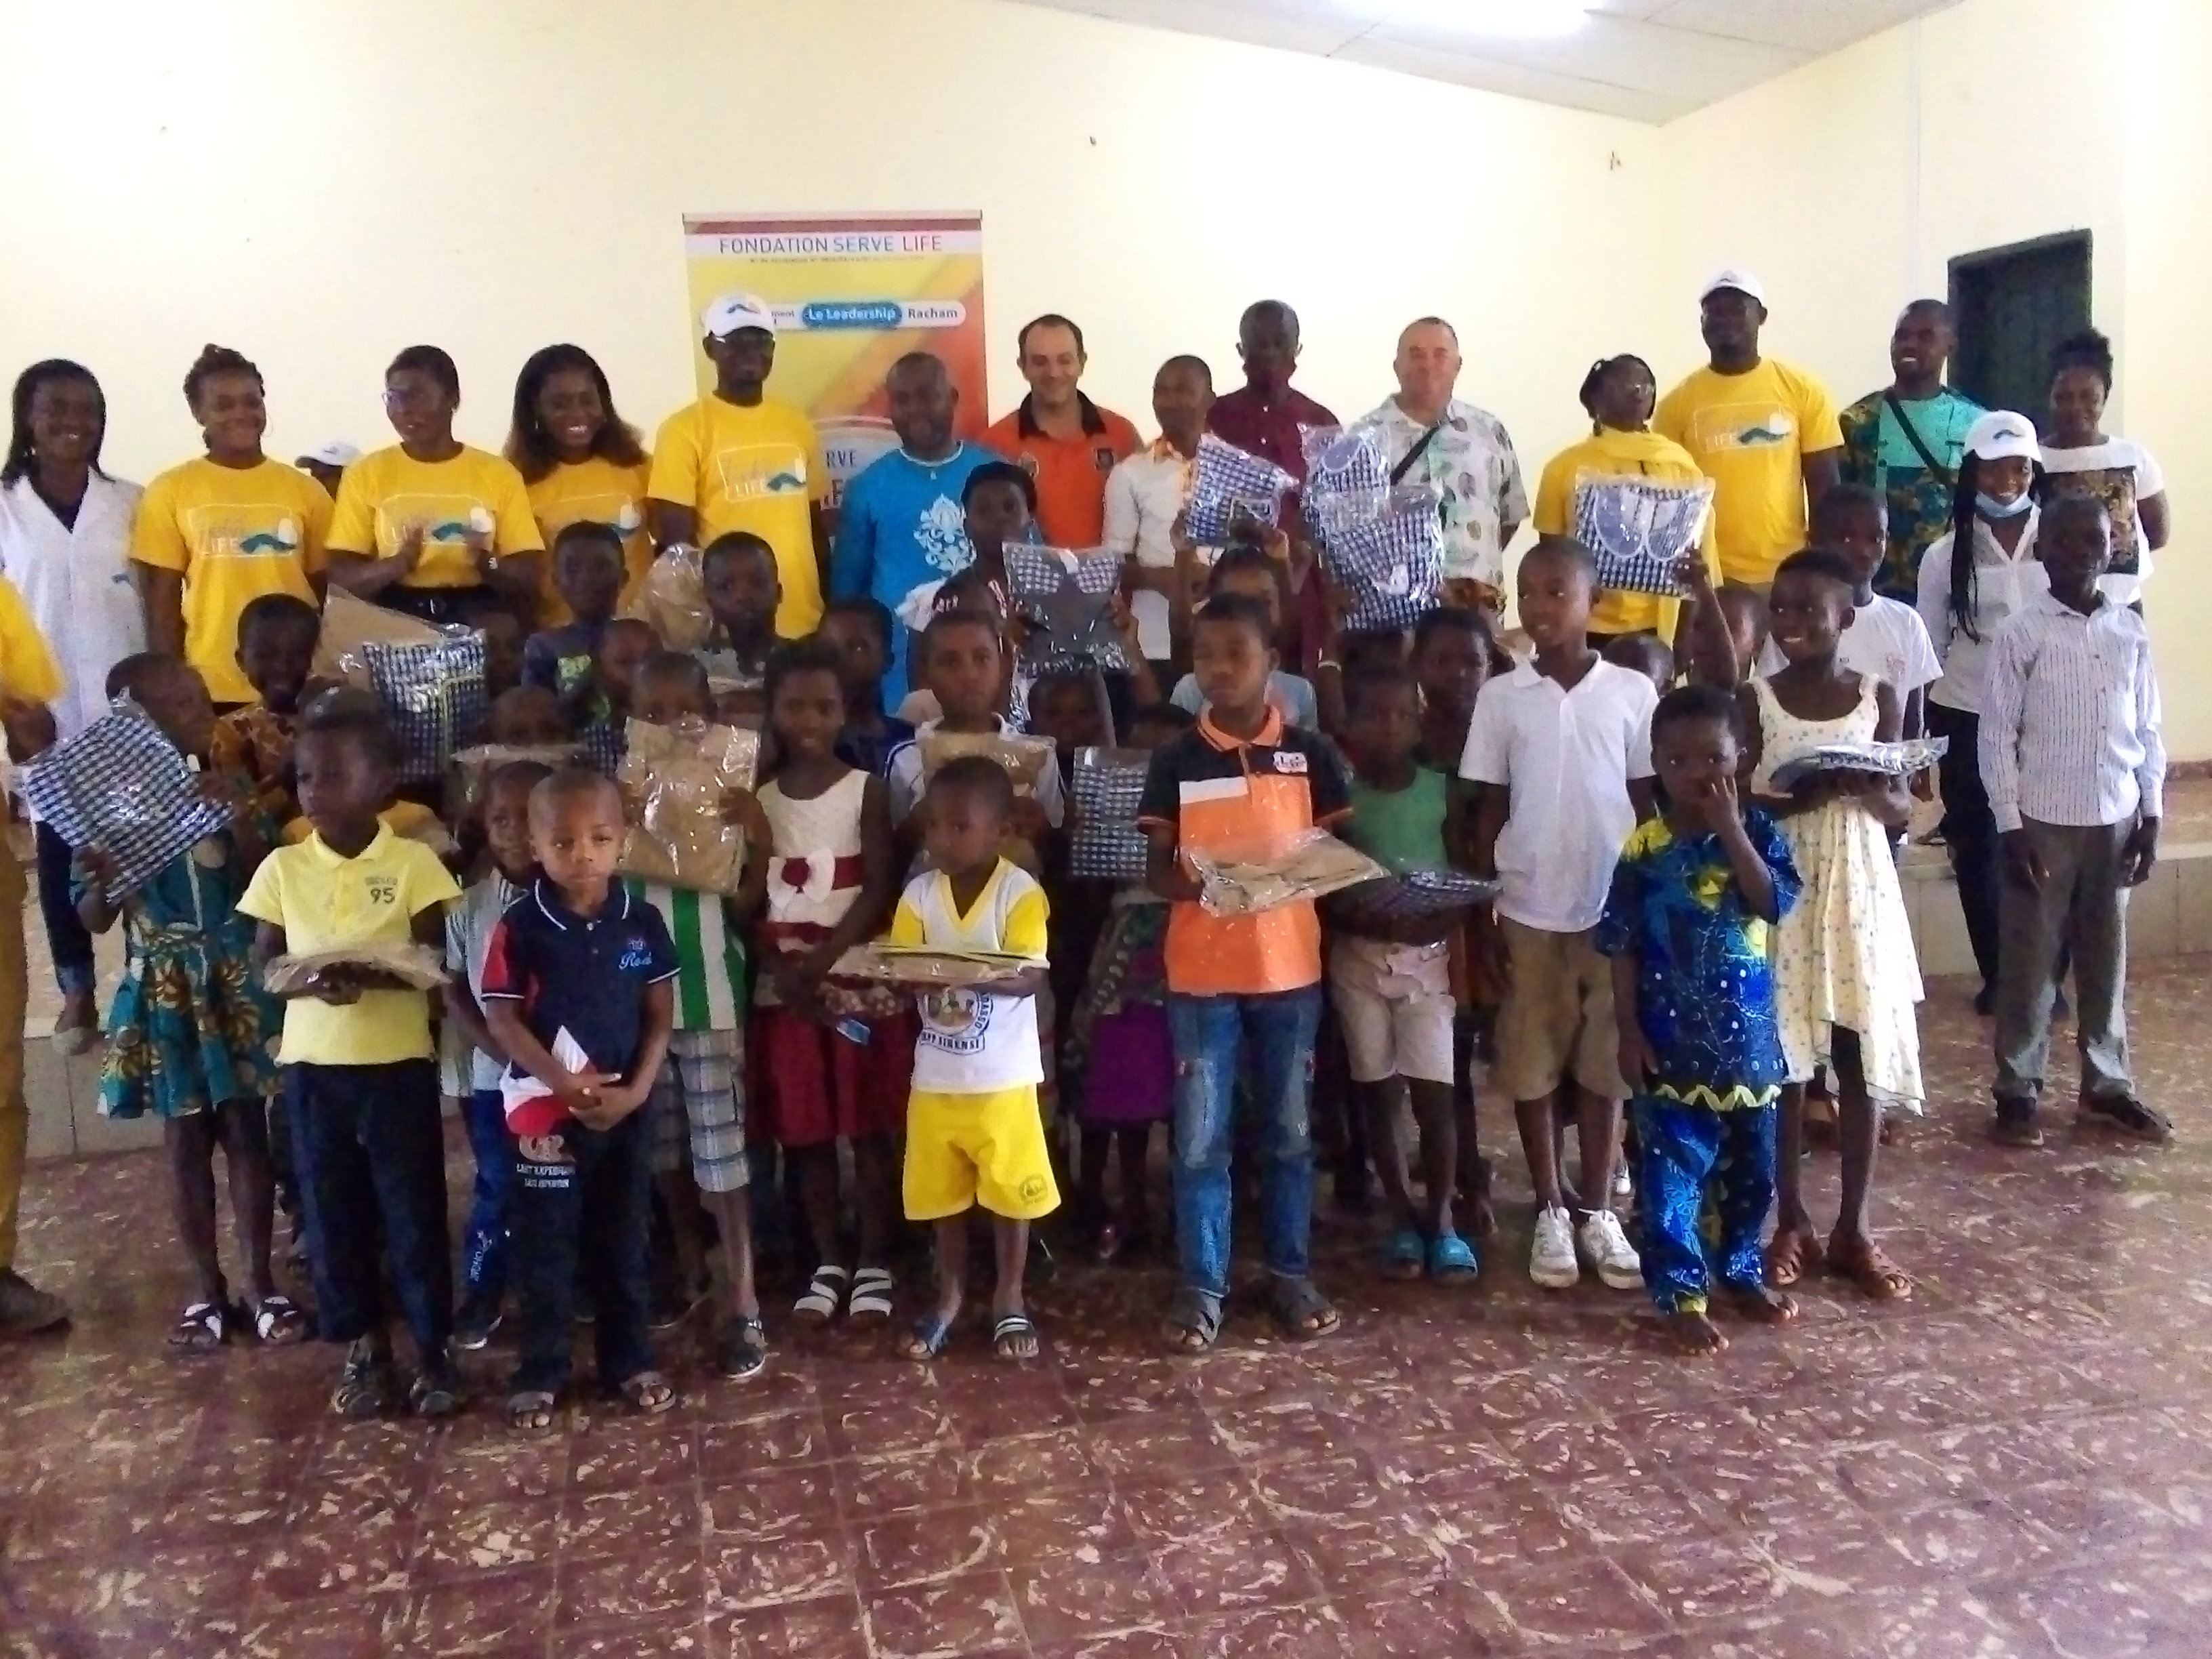 humanitaire-deux-organisations-redonnent-du-sourire-aux-enfants-de-sikensi